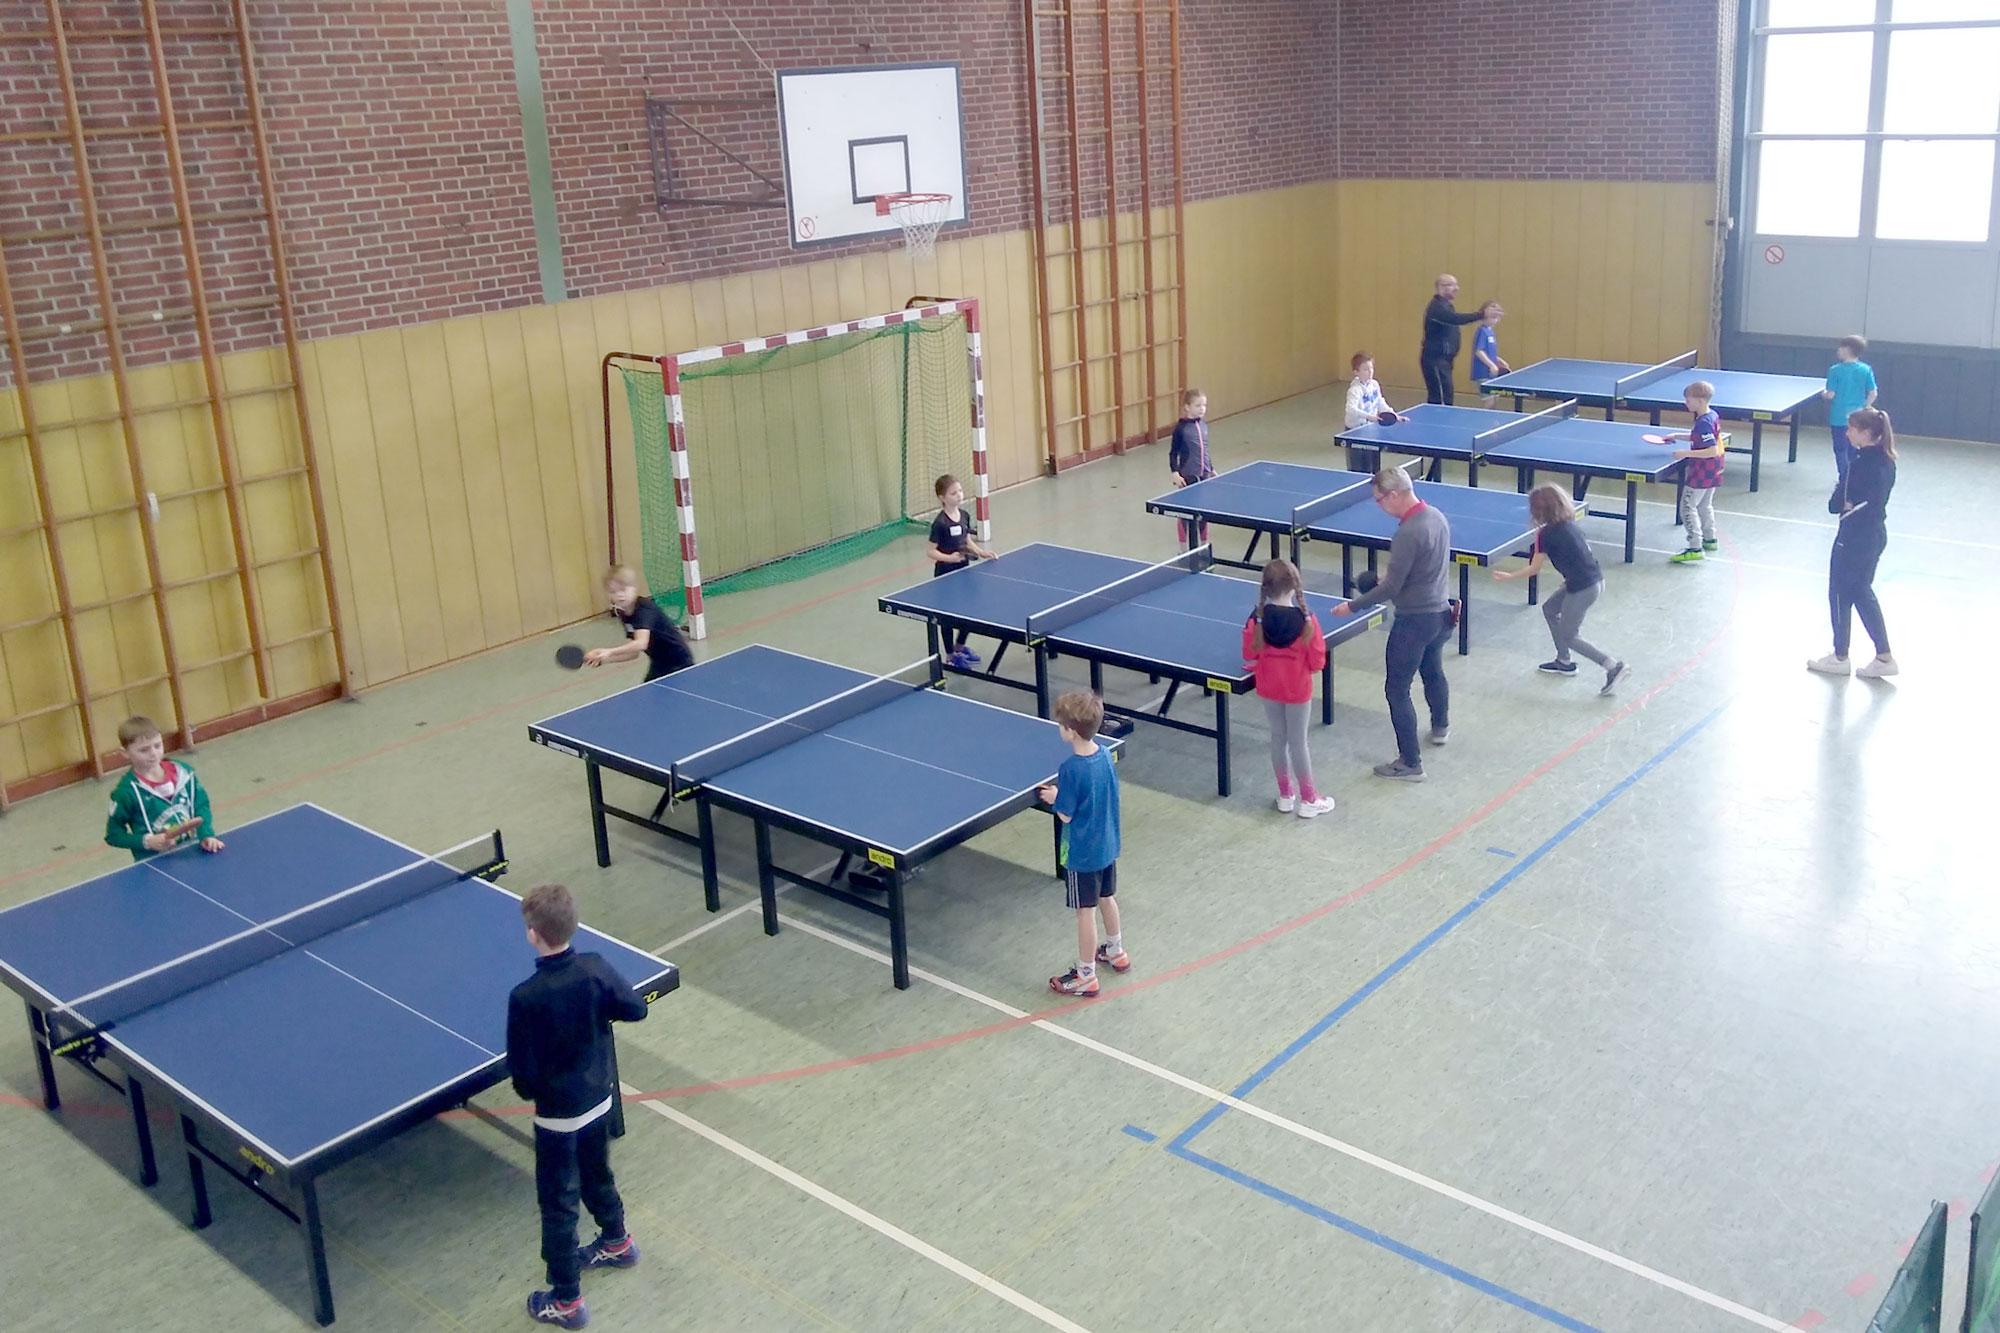 Bei der 2. Talentiade des KreisSportBundes Viersen konnten Kinder verschiedene Sportarten ausprobieren und sich über die Vereine im Kreisgebiet informieren. (Foto: KreisSportBund)